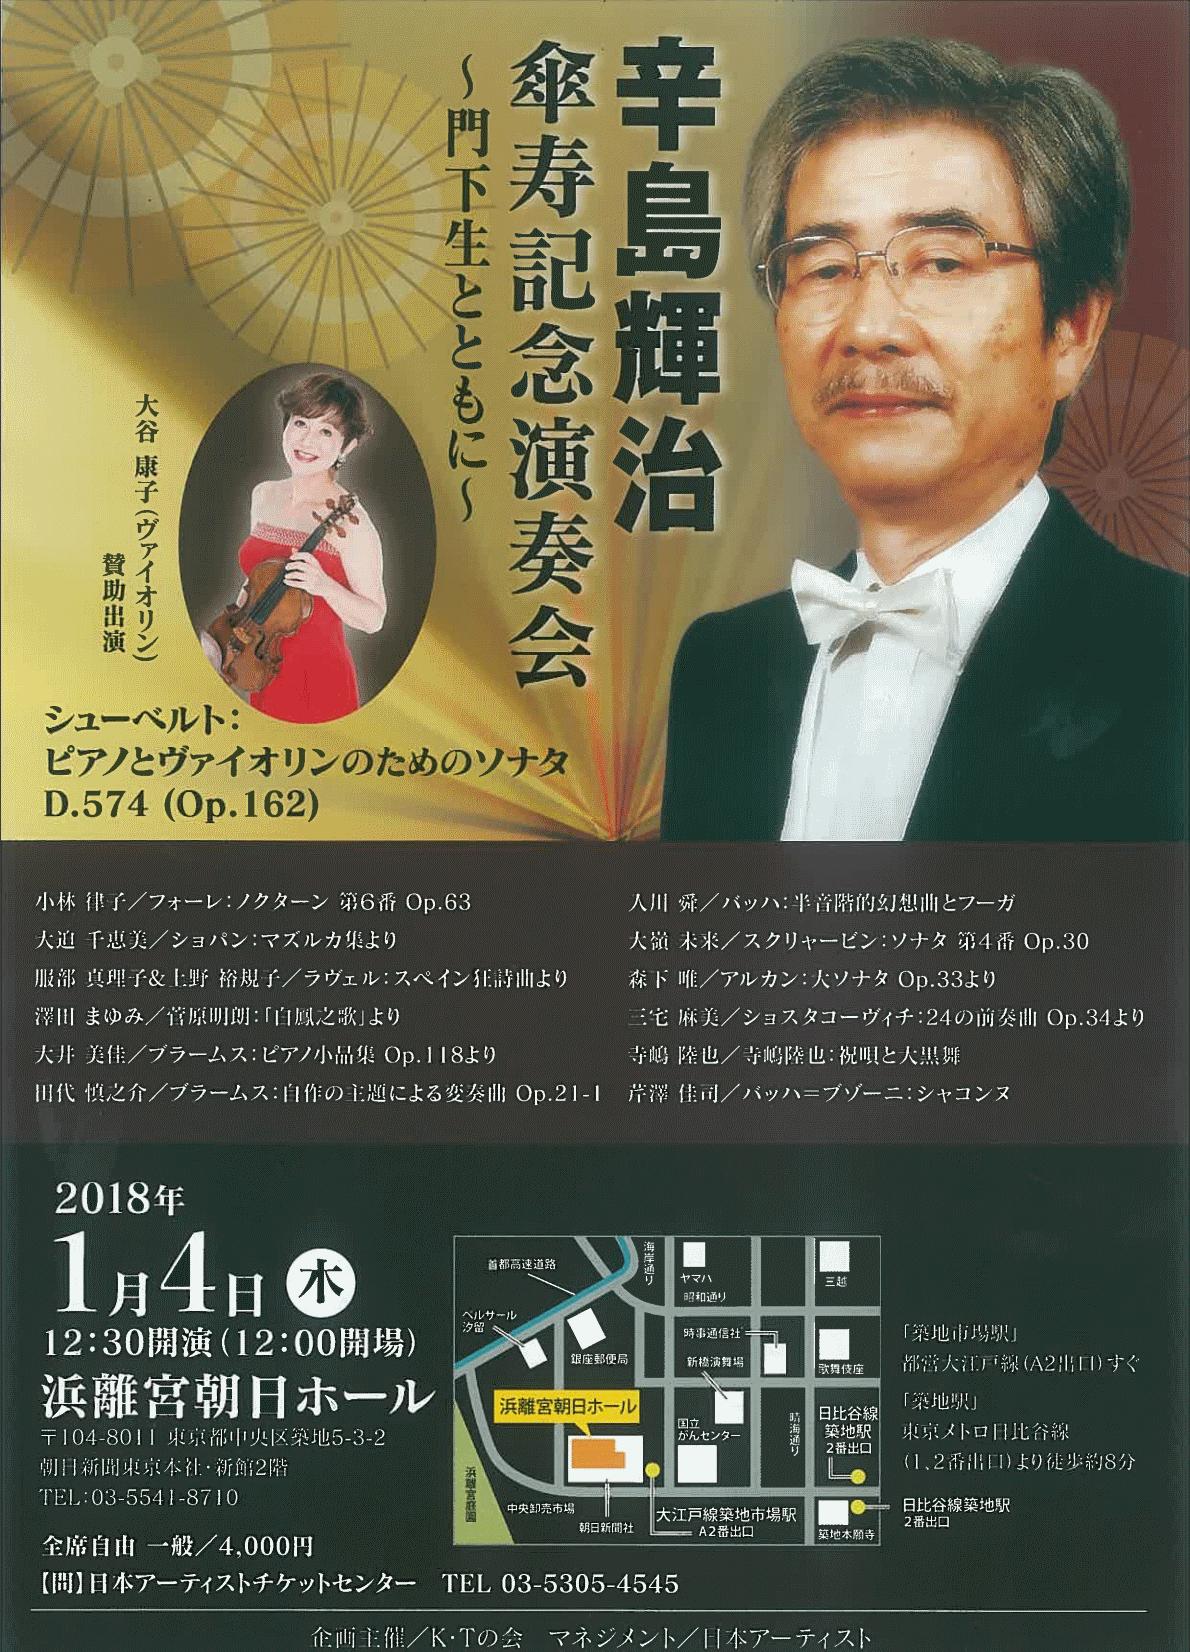 【公演情報】2018/1/4(木)浜離宮朝日ホールにて出演